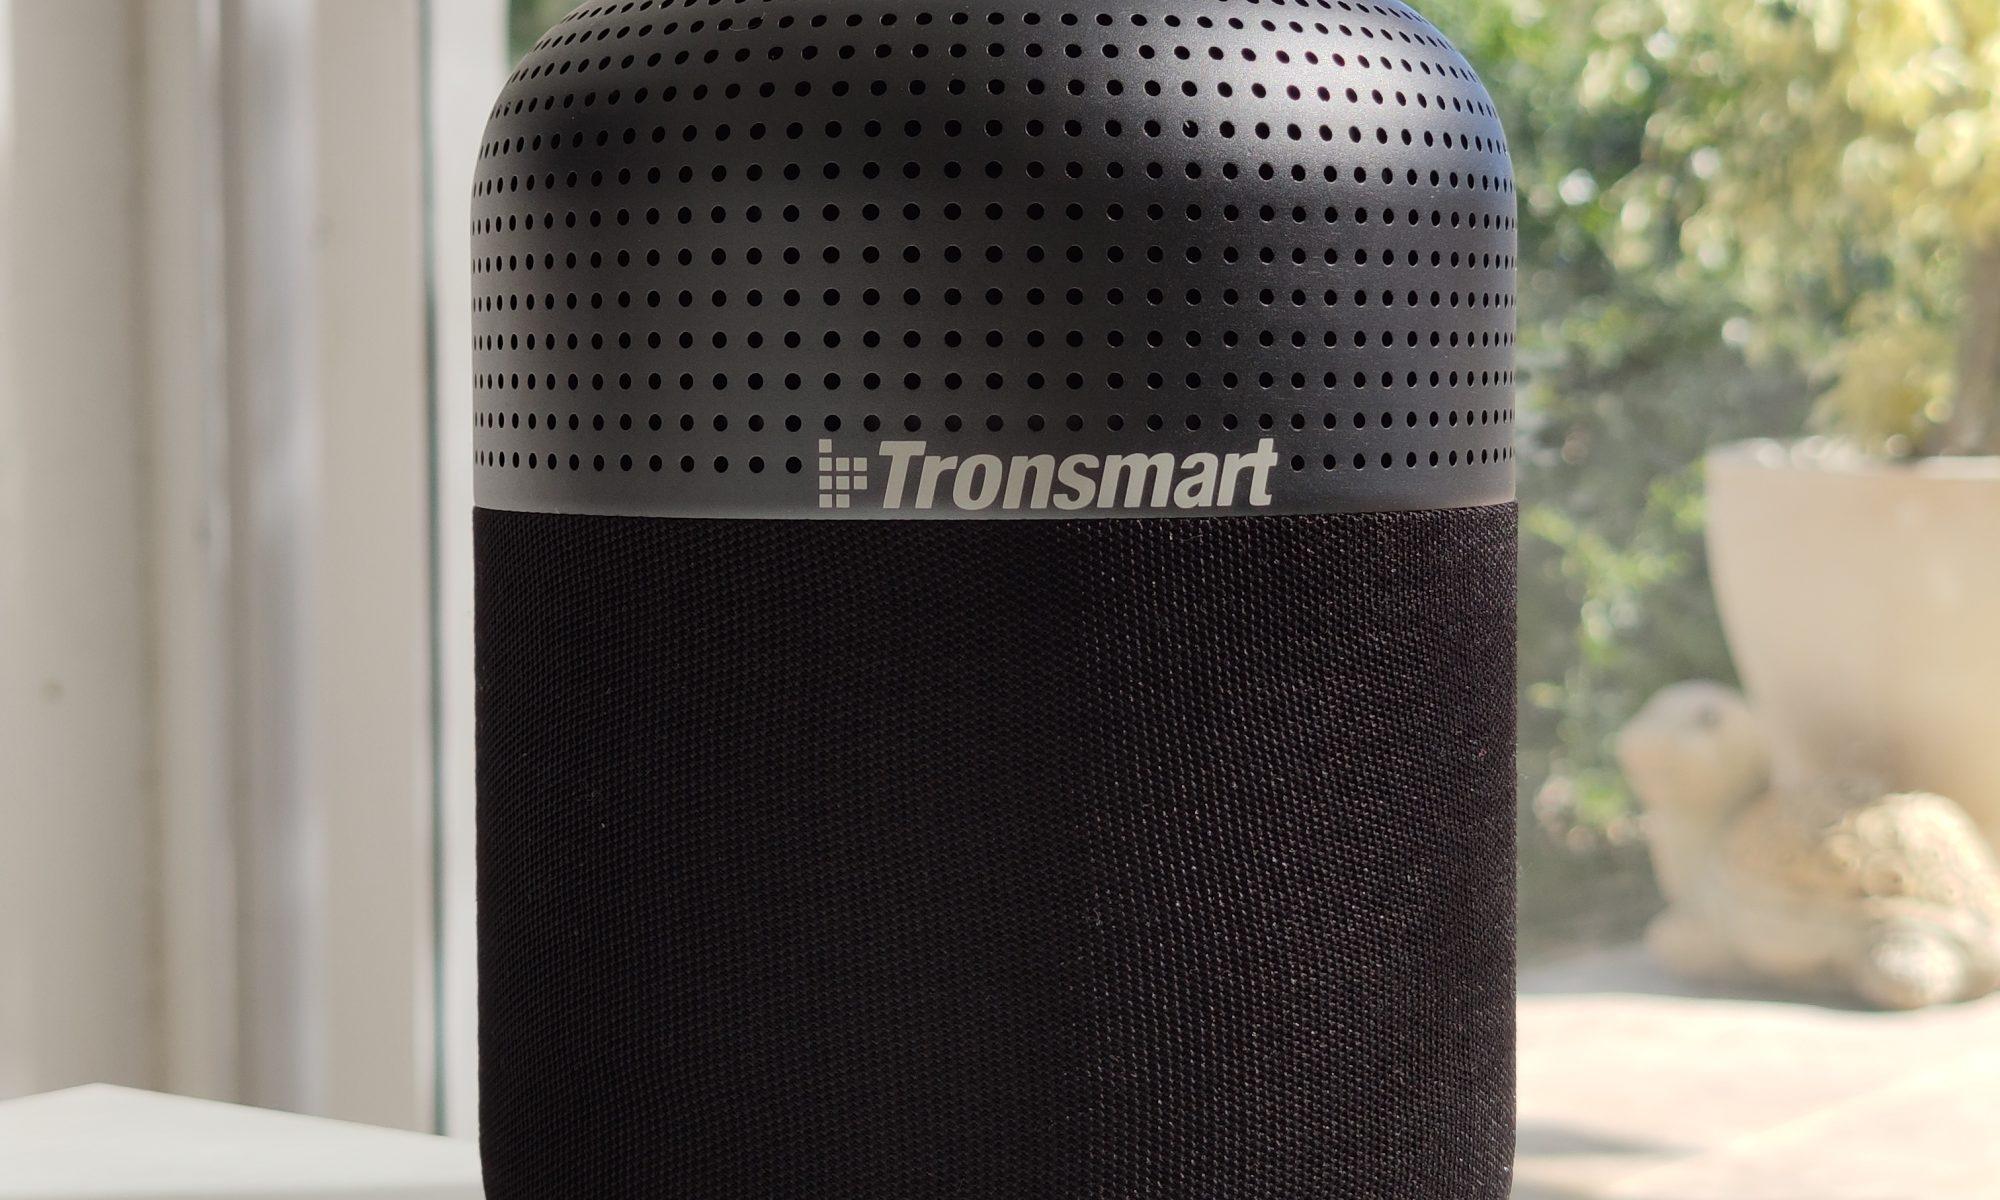 Te Explicamos donde Comprar el Tronsmart T6 MAX con el Mejor Precio